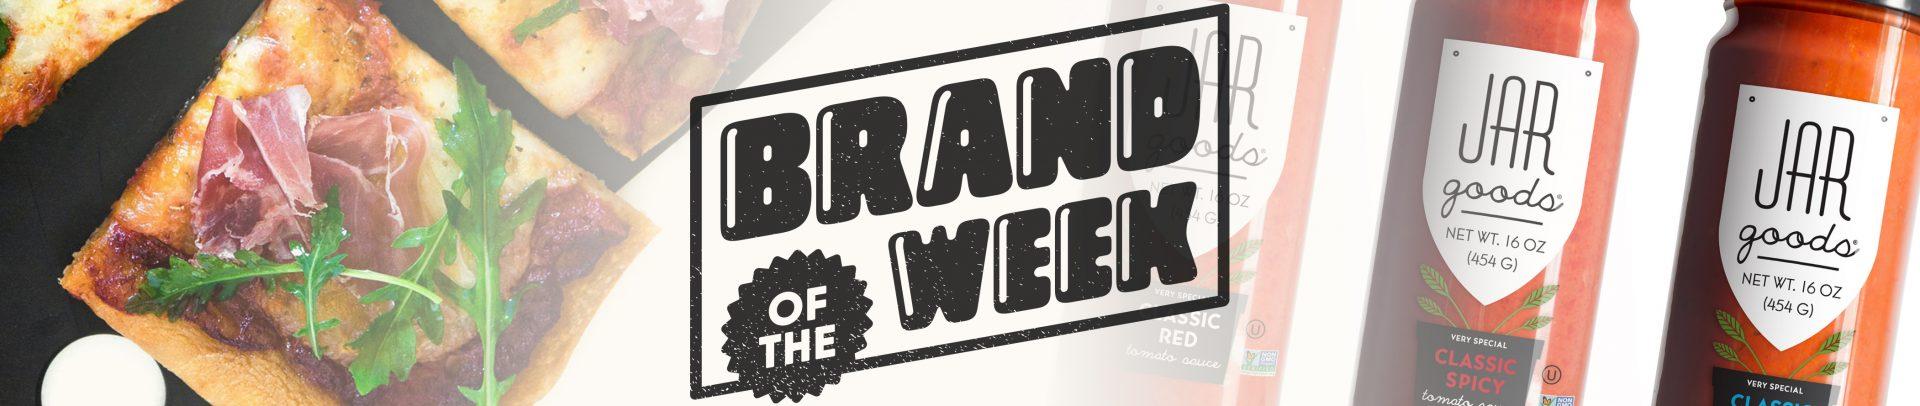 Jar Goods Brand of the Week